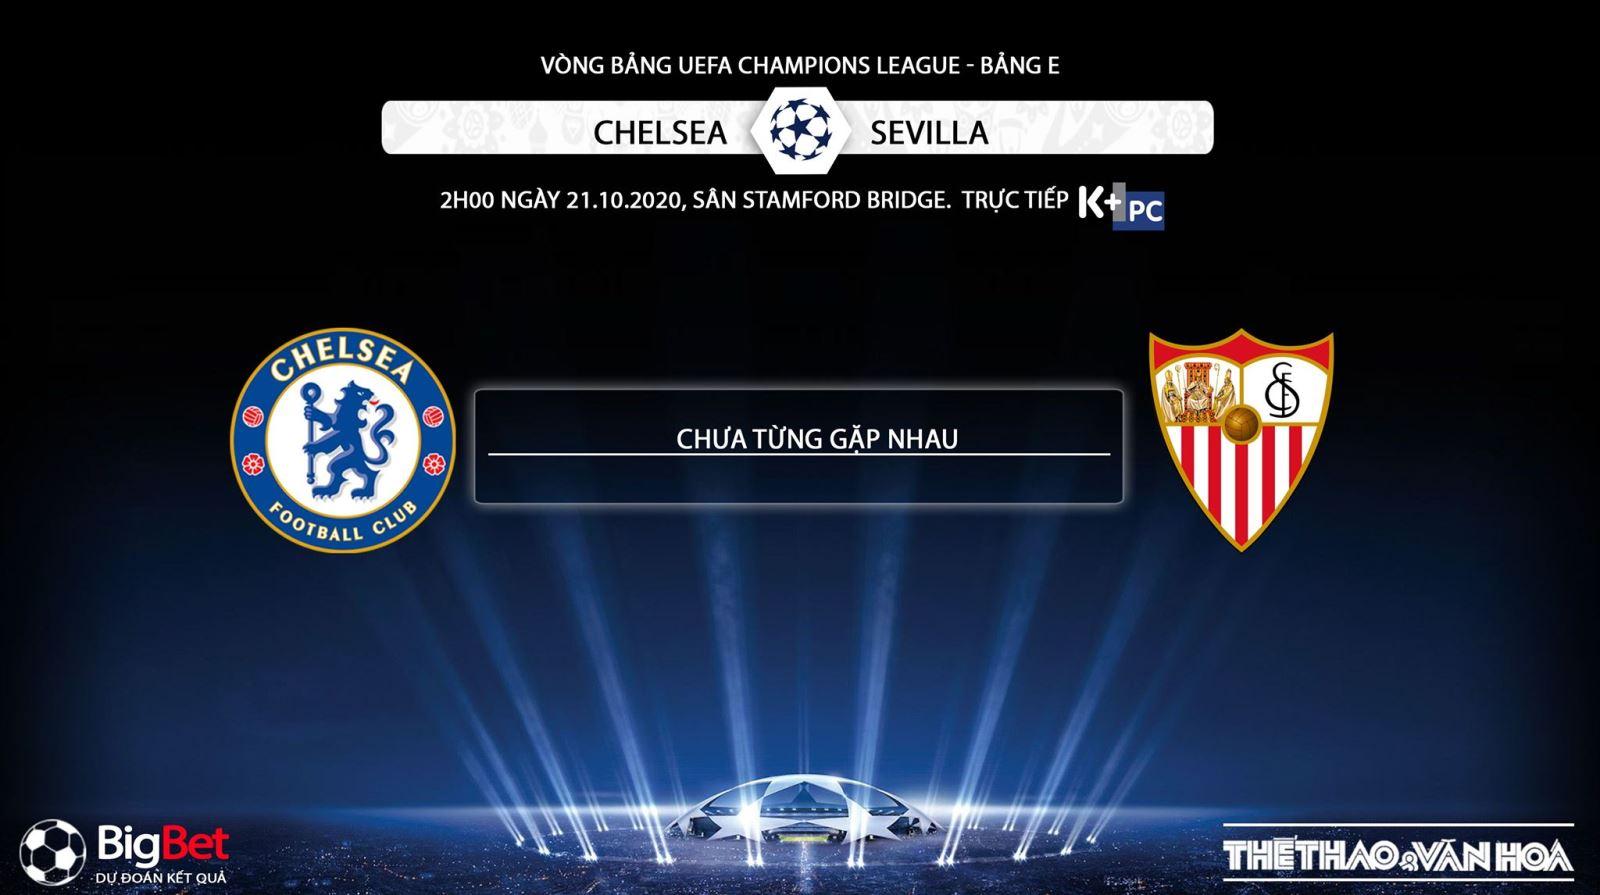 Keo nha cai, Chelsea vs Sevilla, Vòng bảng Cúp C1 châu Âu, Trực tiếp K+PC, Trực tiếp bóng đá, Trực tiếp Chelsea đấu với Sevilla, Kèo bóng đá Chelsea vs Sevilla, bong da